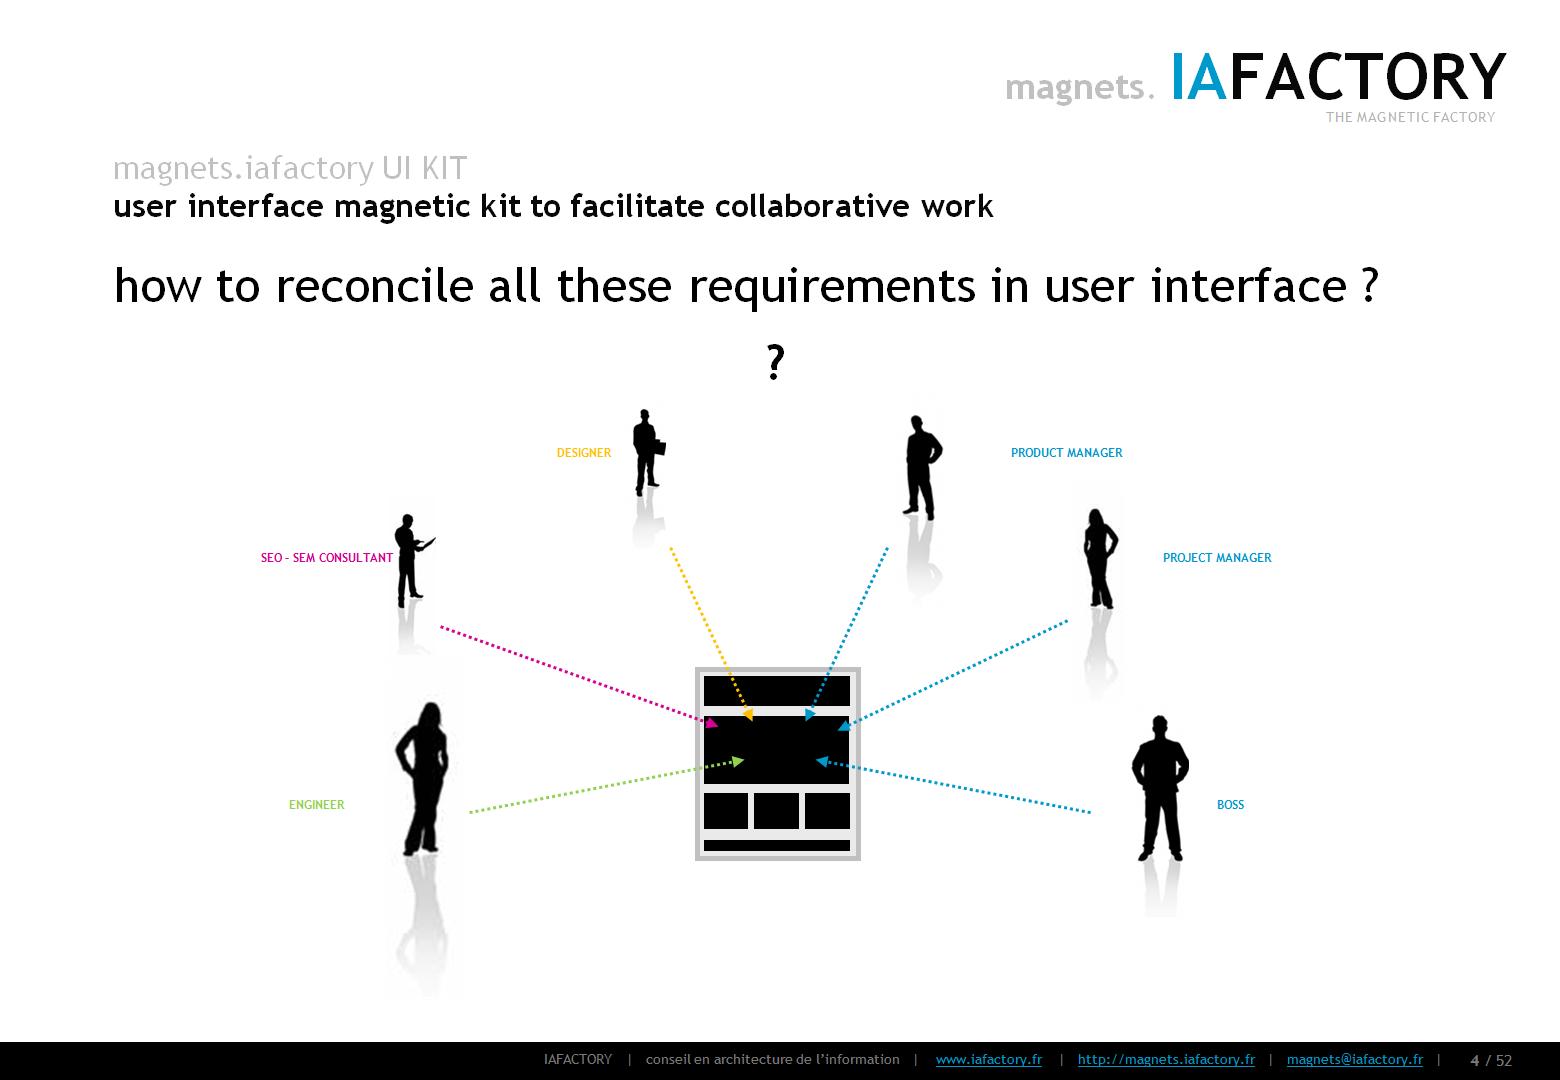 magnets.iafactory (interface utilisateur magnétique) concept 02